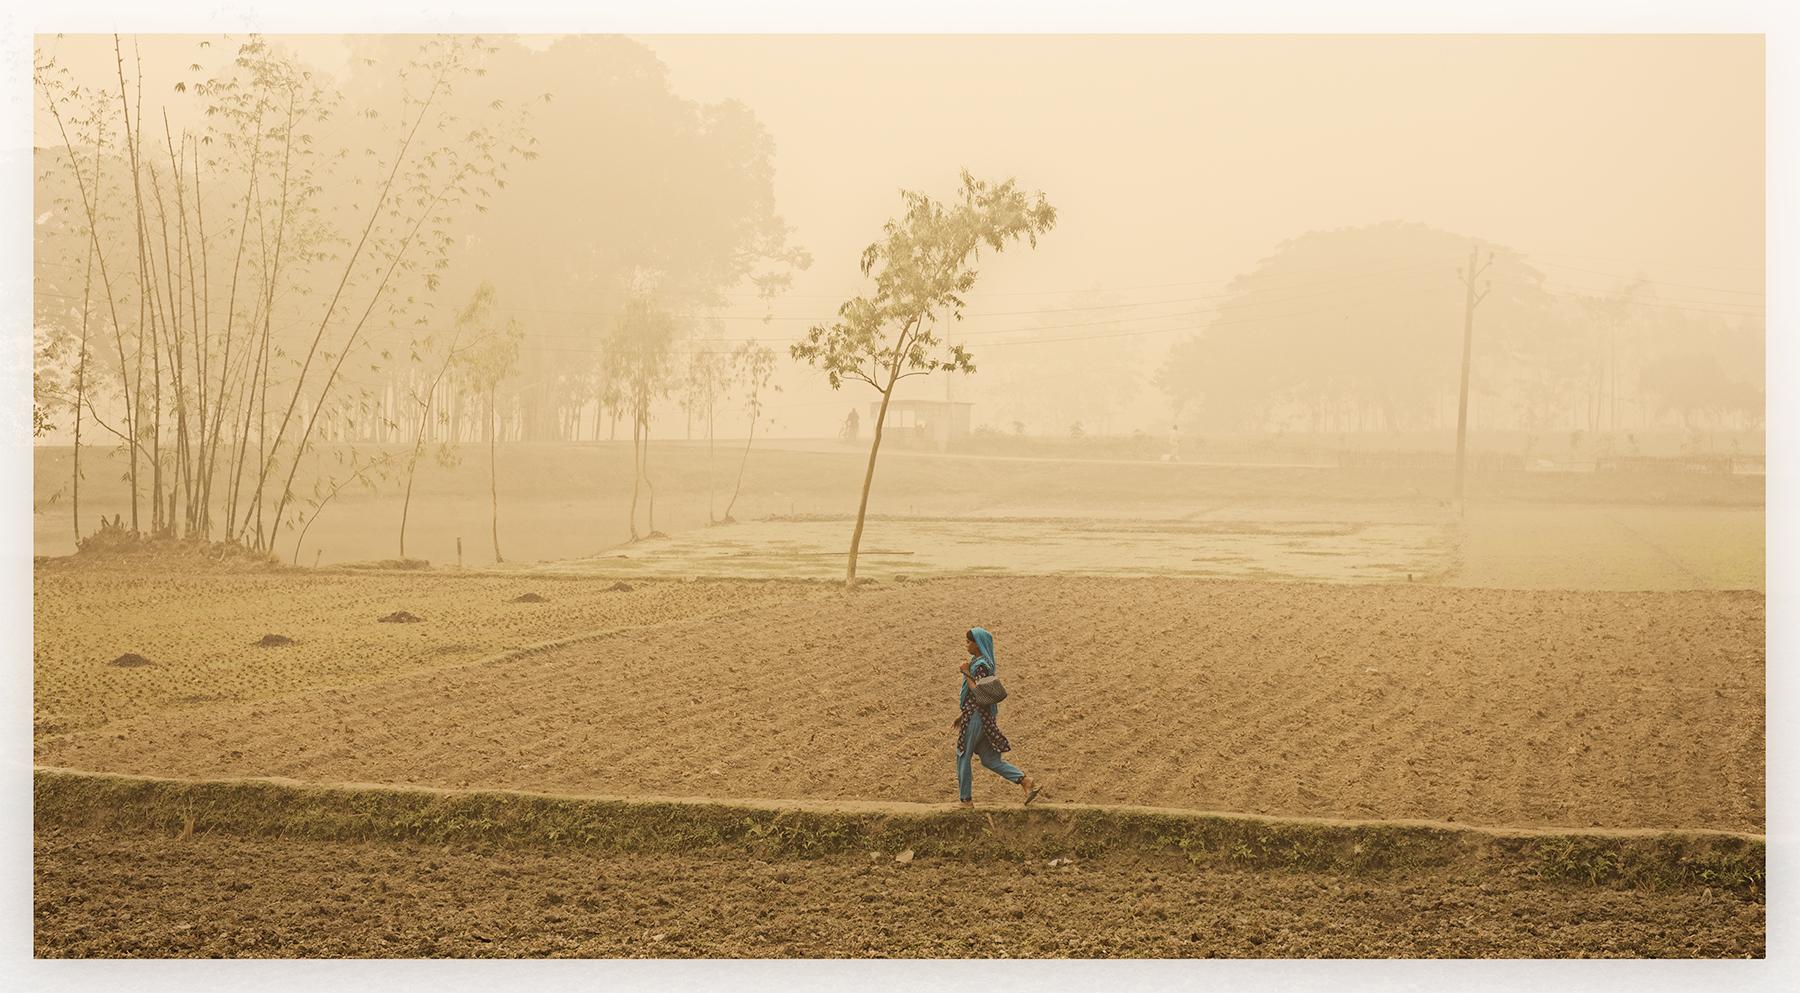 Across the fields, Rangpor, Bangladesh